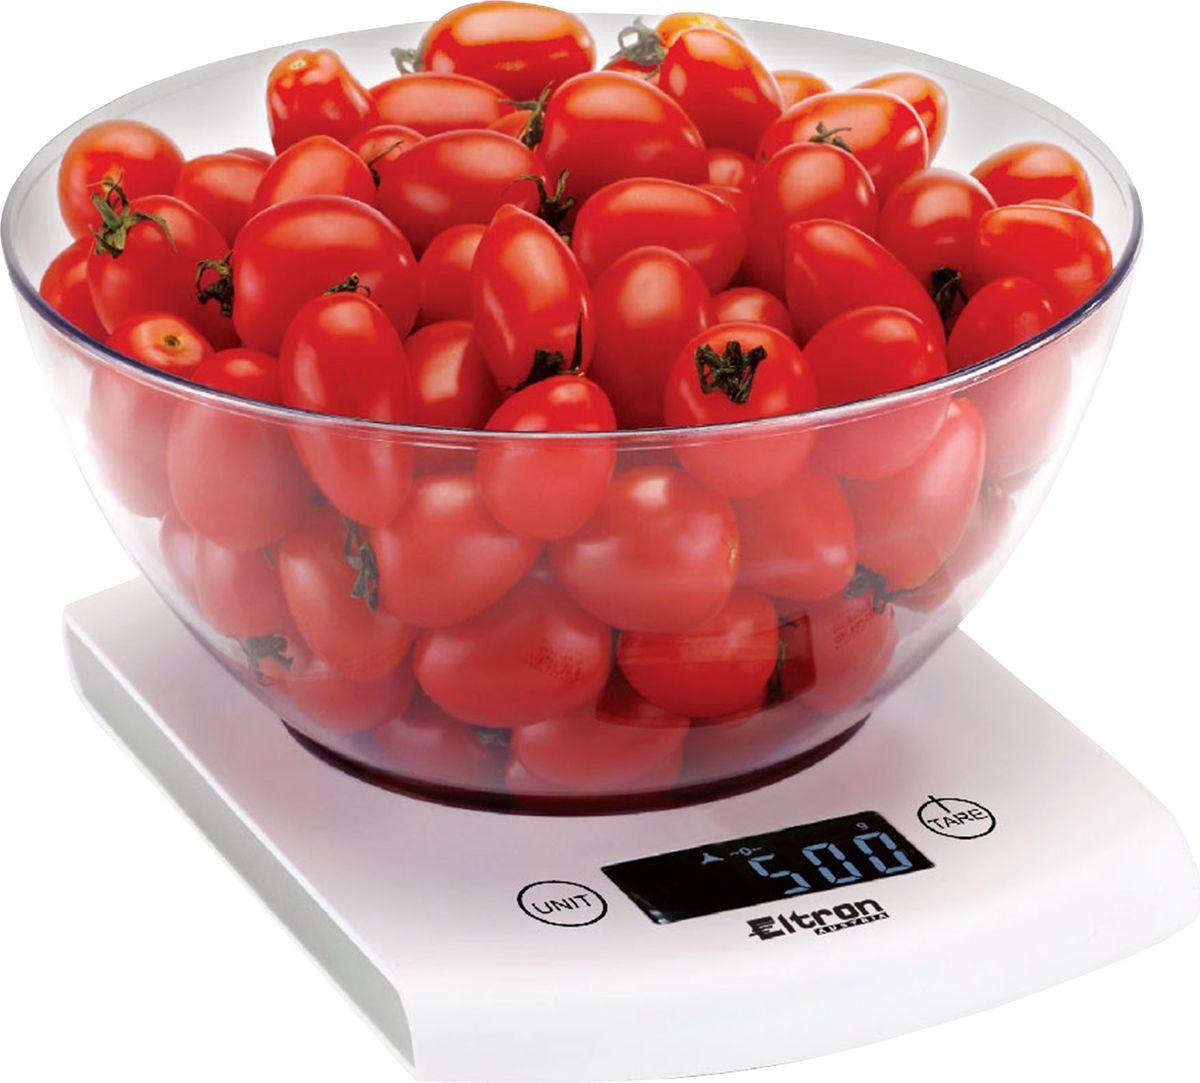 Весы кухонные Eltron, электронные, с чашей, цвет: белый, до 5 кг. 9262EL кухонные весы redmond rs 736 полоски